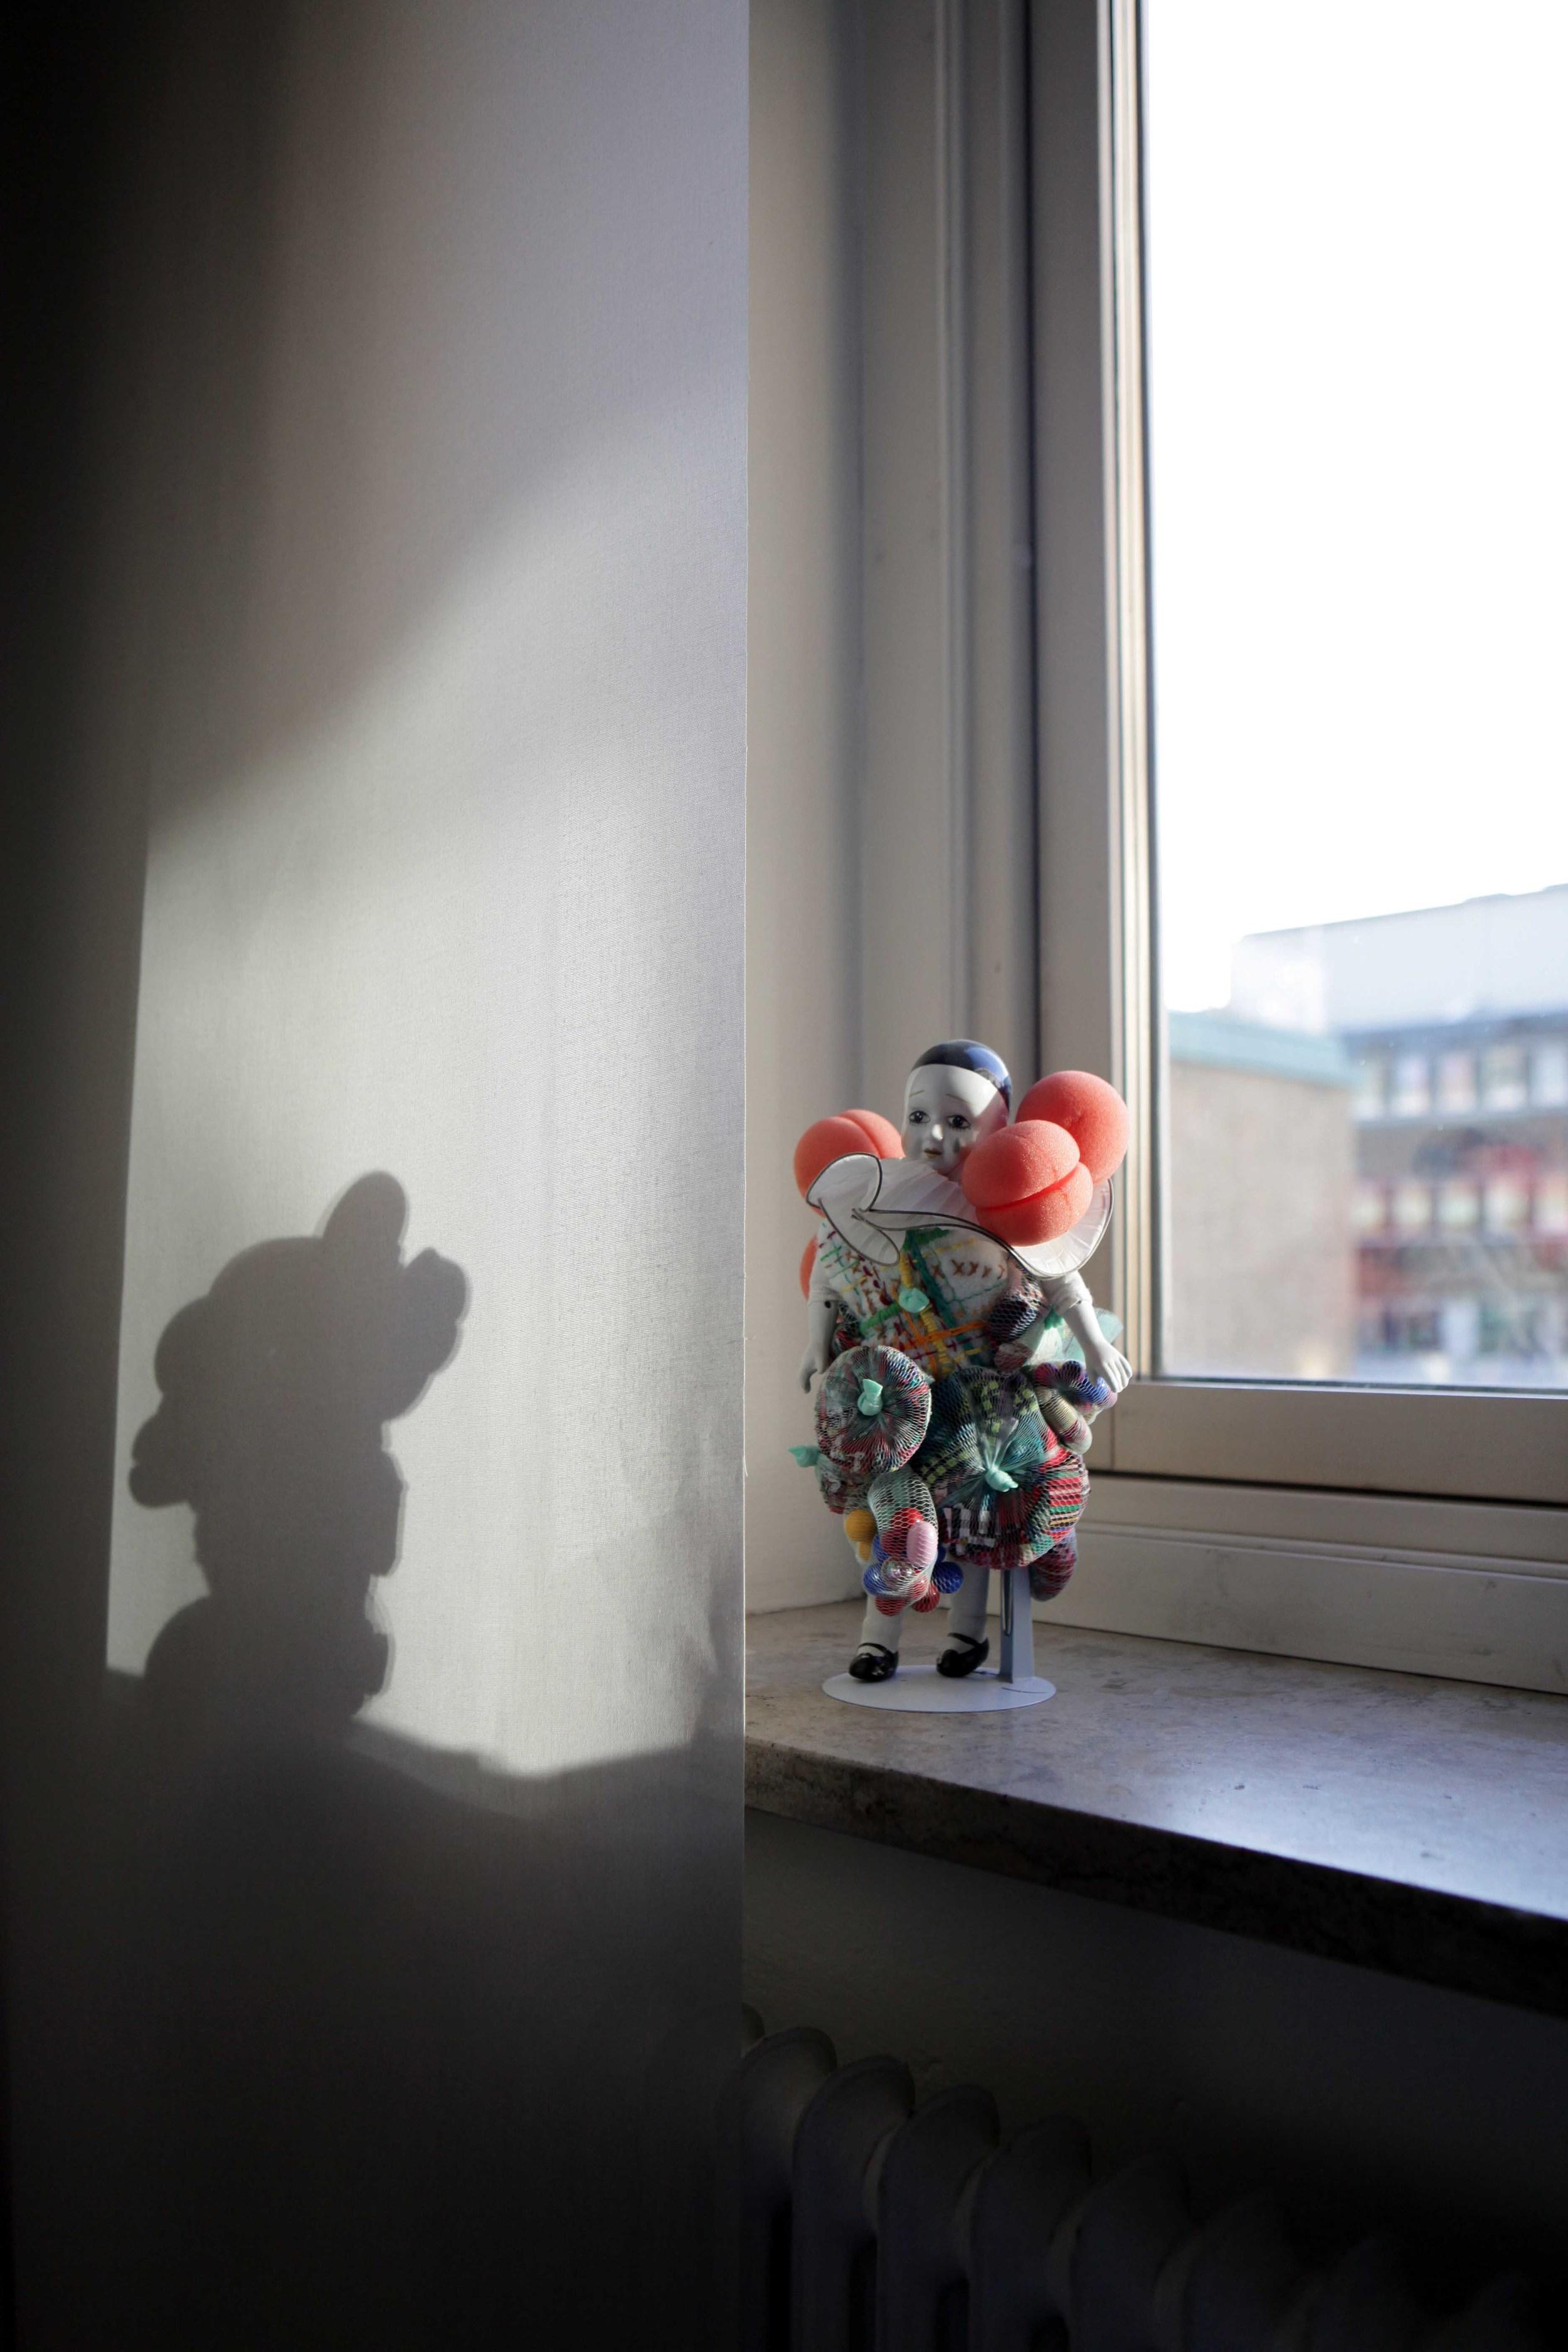 Anna_Lidström_Clownsculpture4.JPG